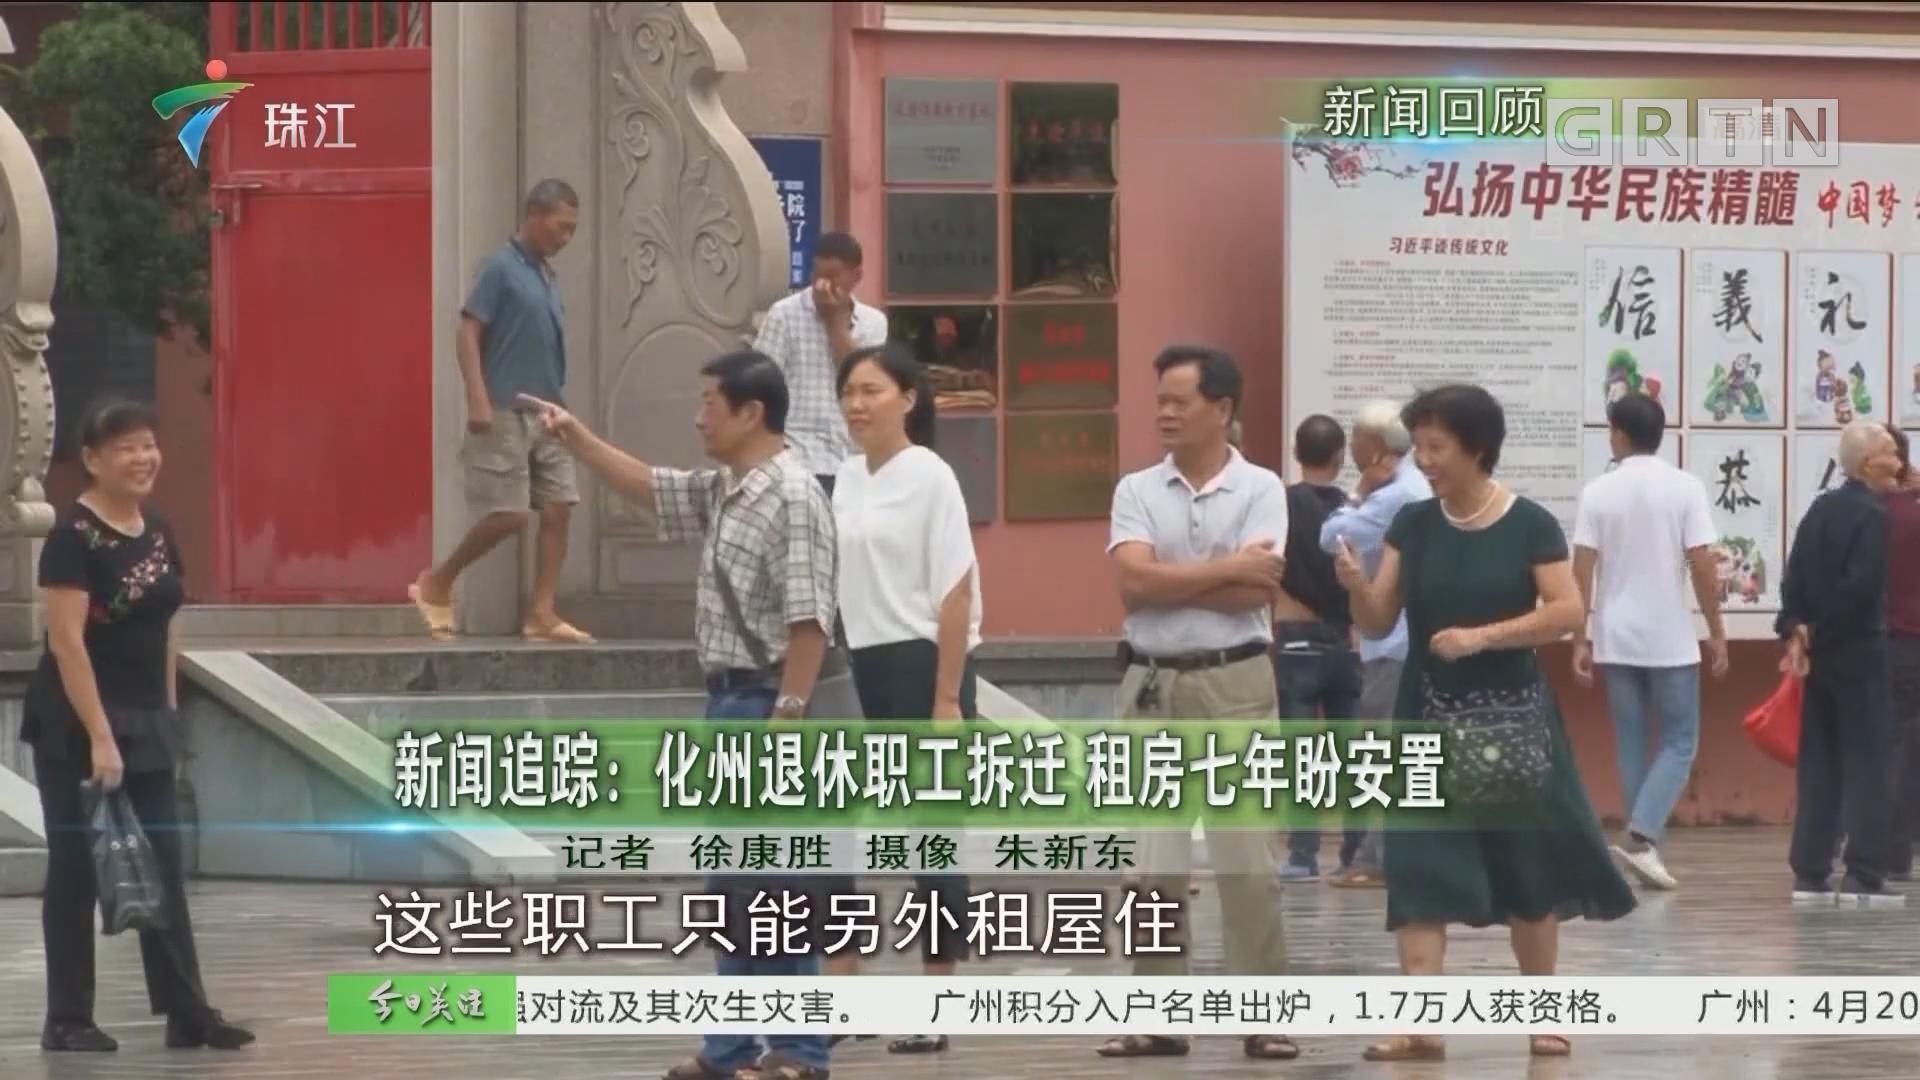 新闻追踪:化州退休职工拆迁 租房七年盼安置